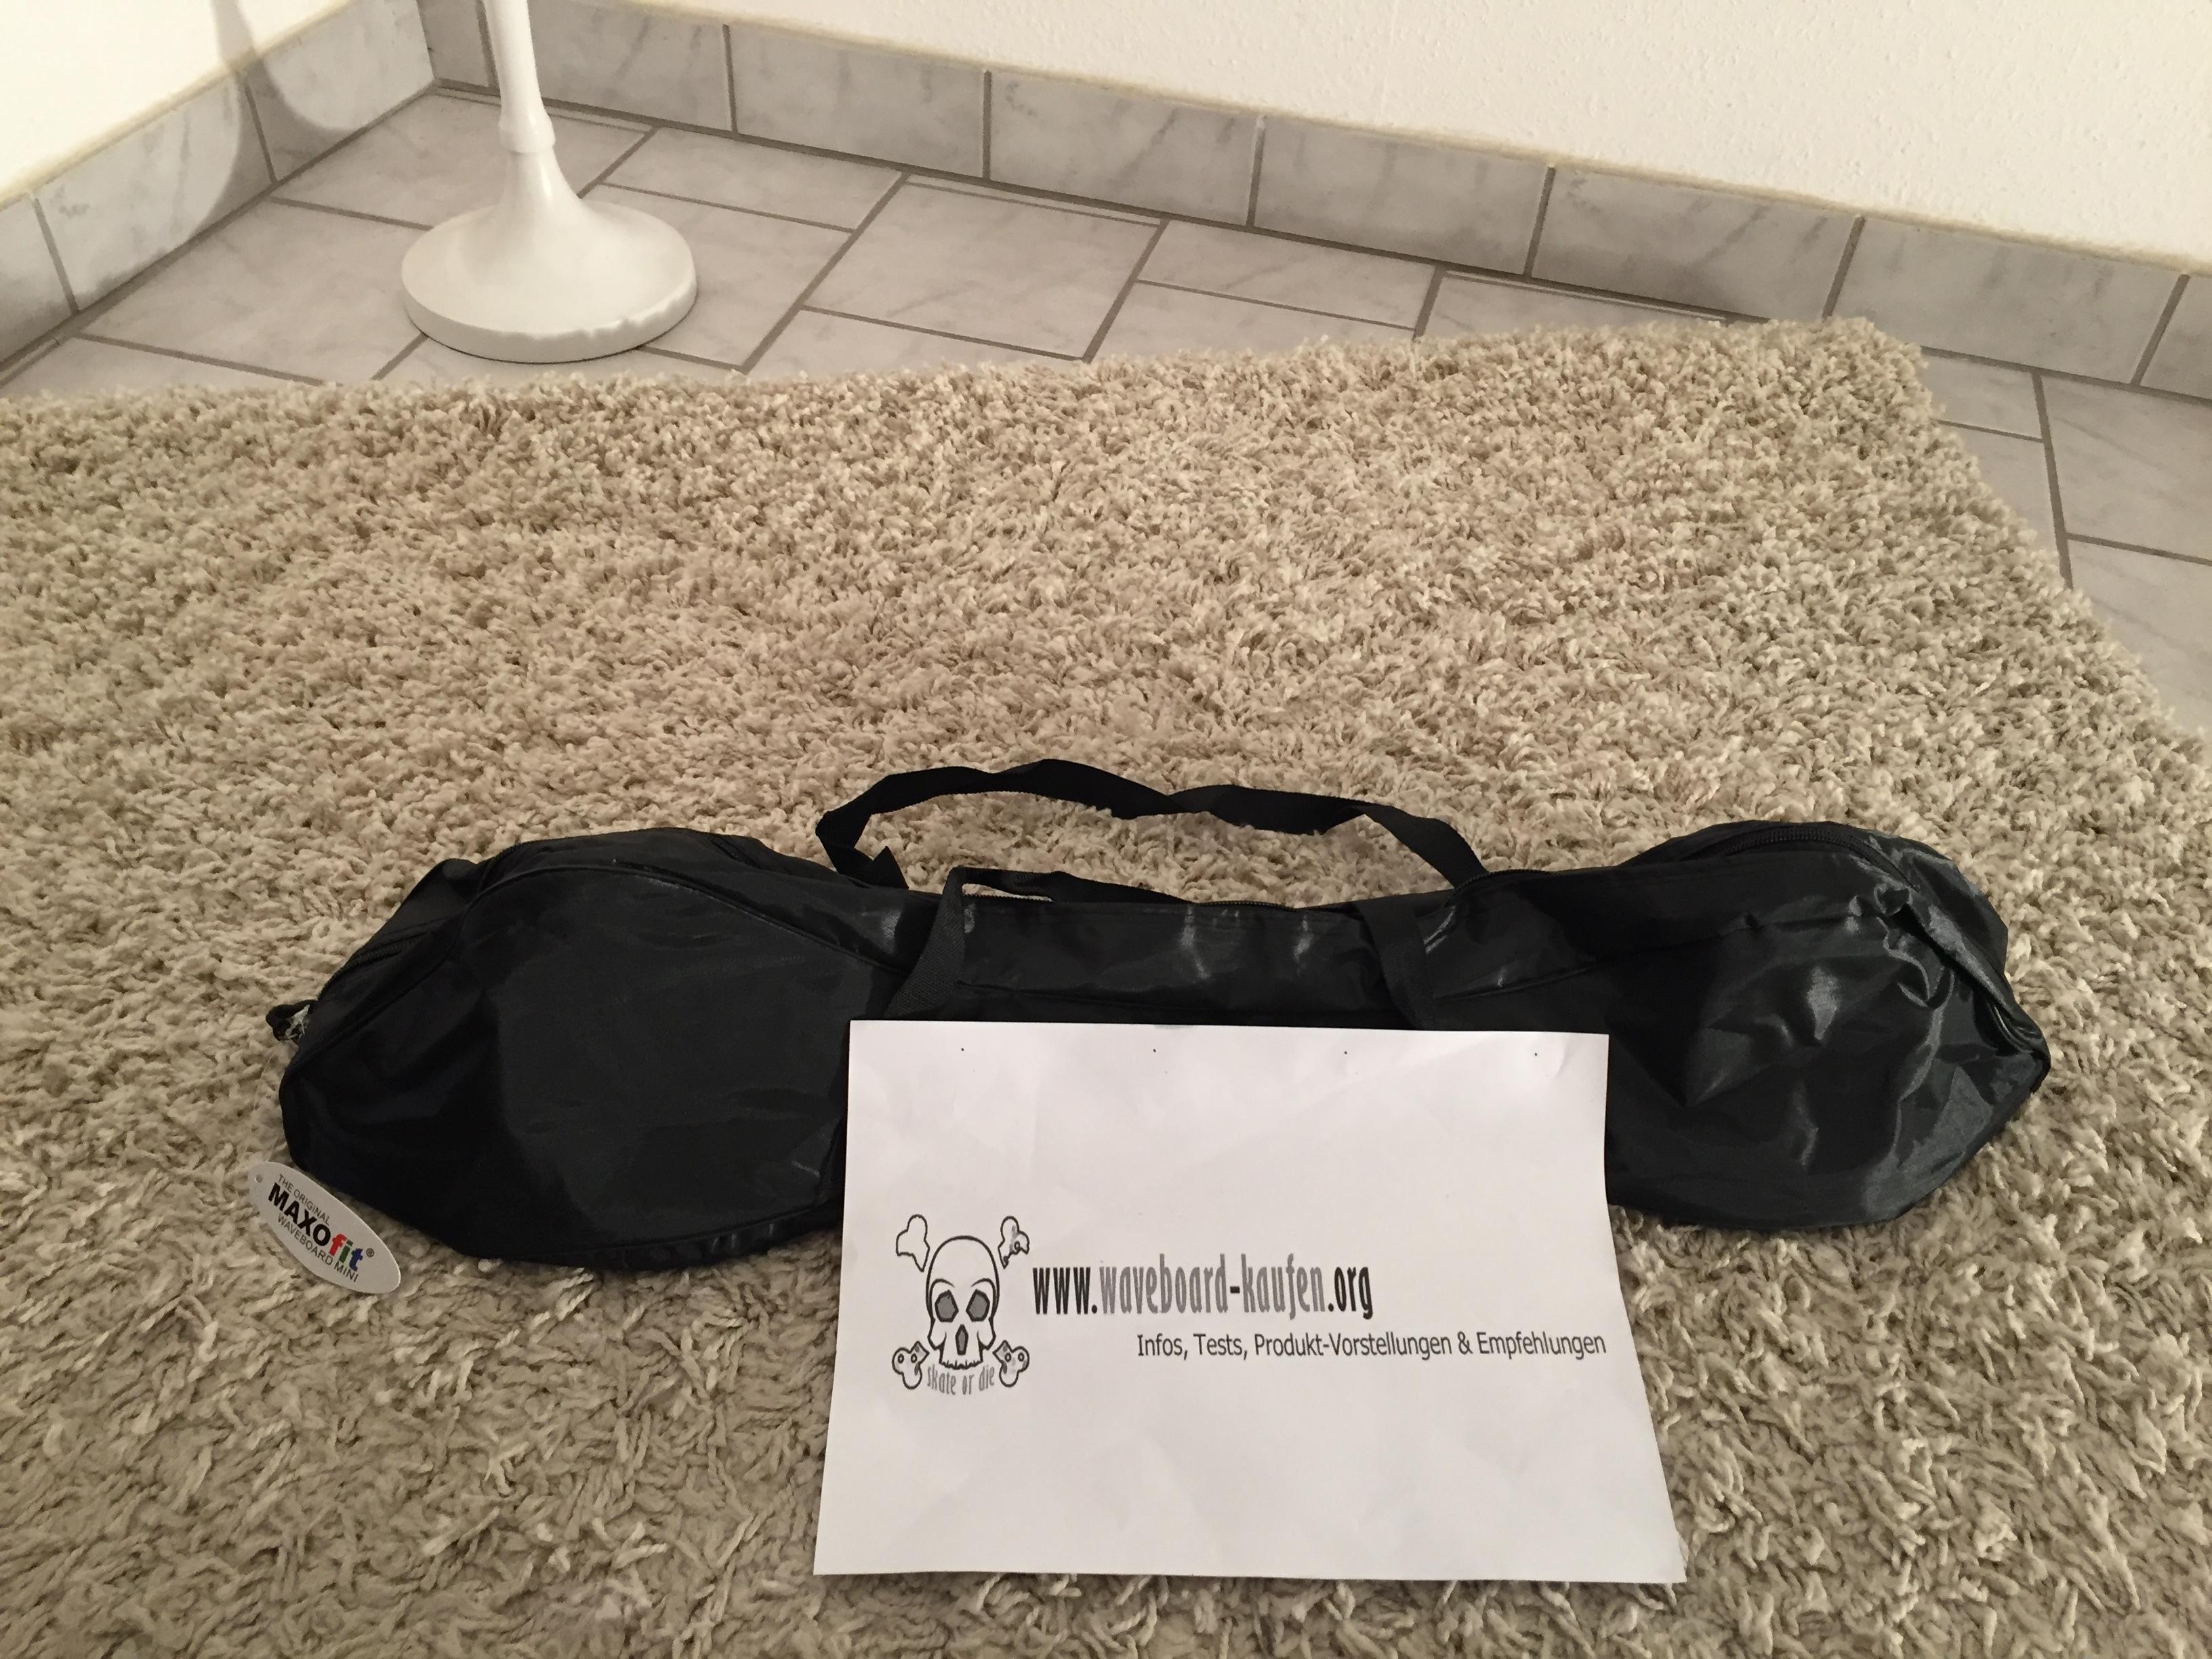 Das Maxofit pro close mini eingepackt in der mitgelieferten Tragetasche - Unterseite zu sehen